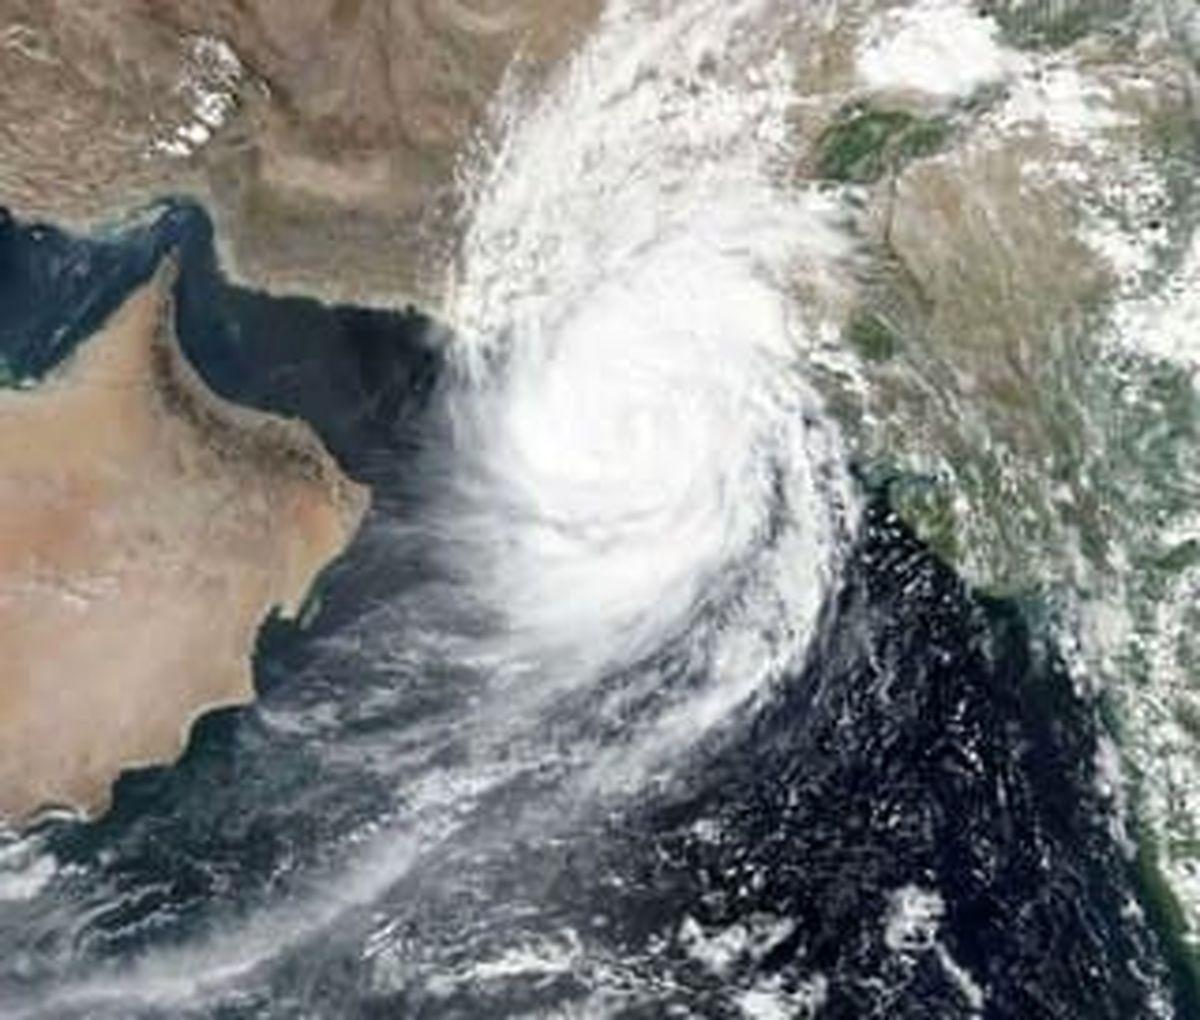 مرز پاکستان و ایران به زیر آب رفت/ توفان حاره ای در راه است +فیلم